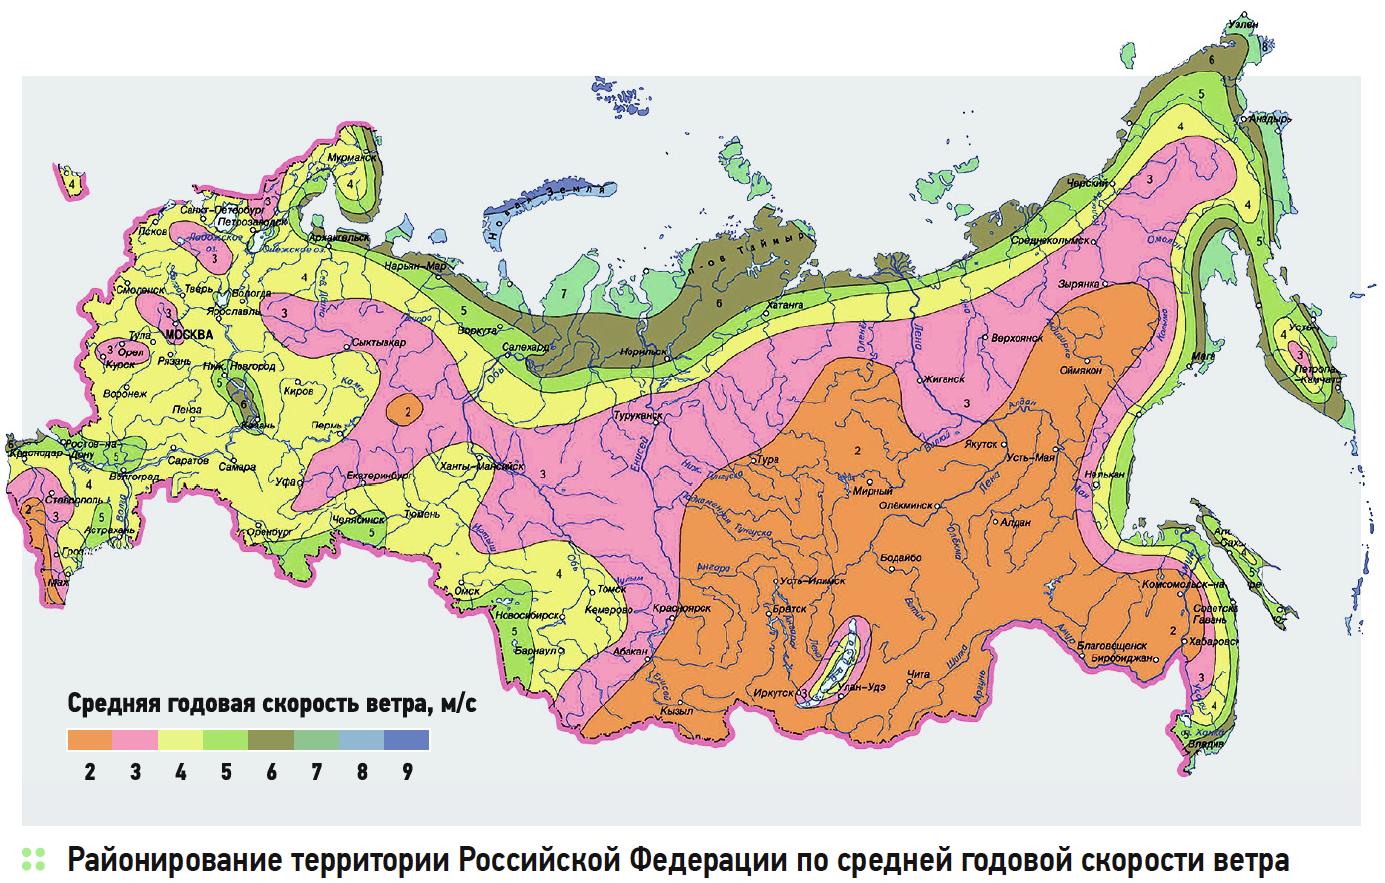 Возобновляемая энергетика в Калмыкии: опыт, проблемы и перспективы региона. 7/2017. Фото 8